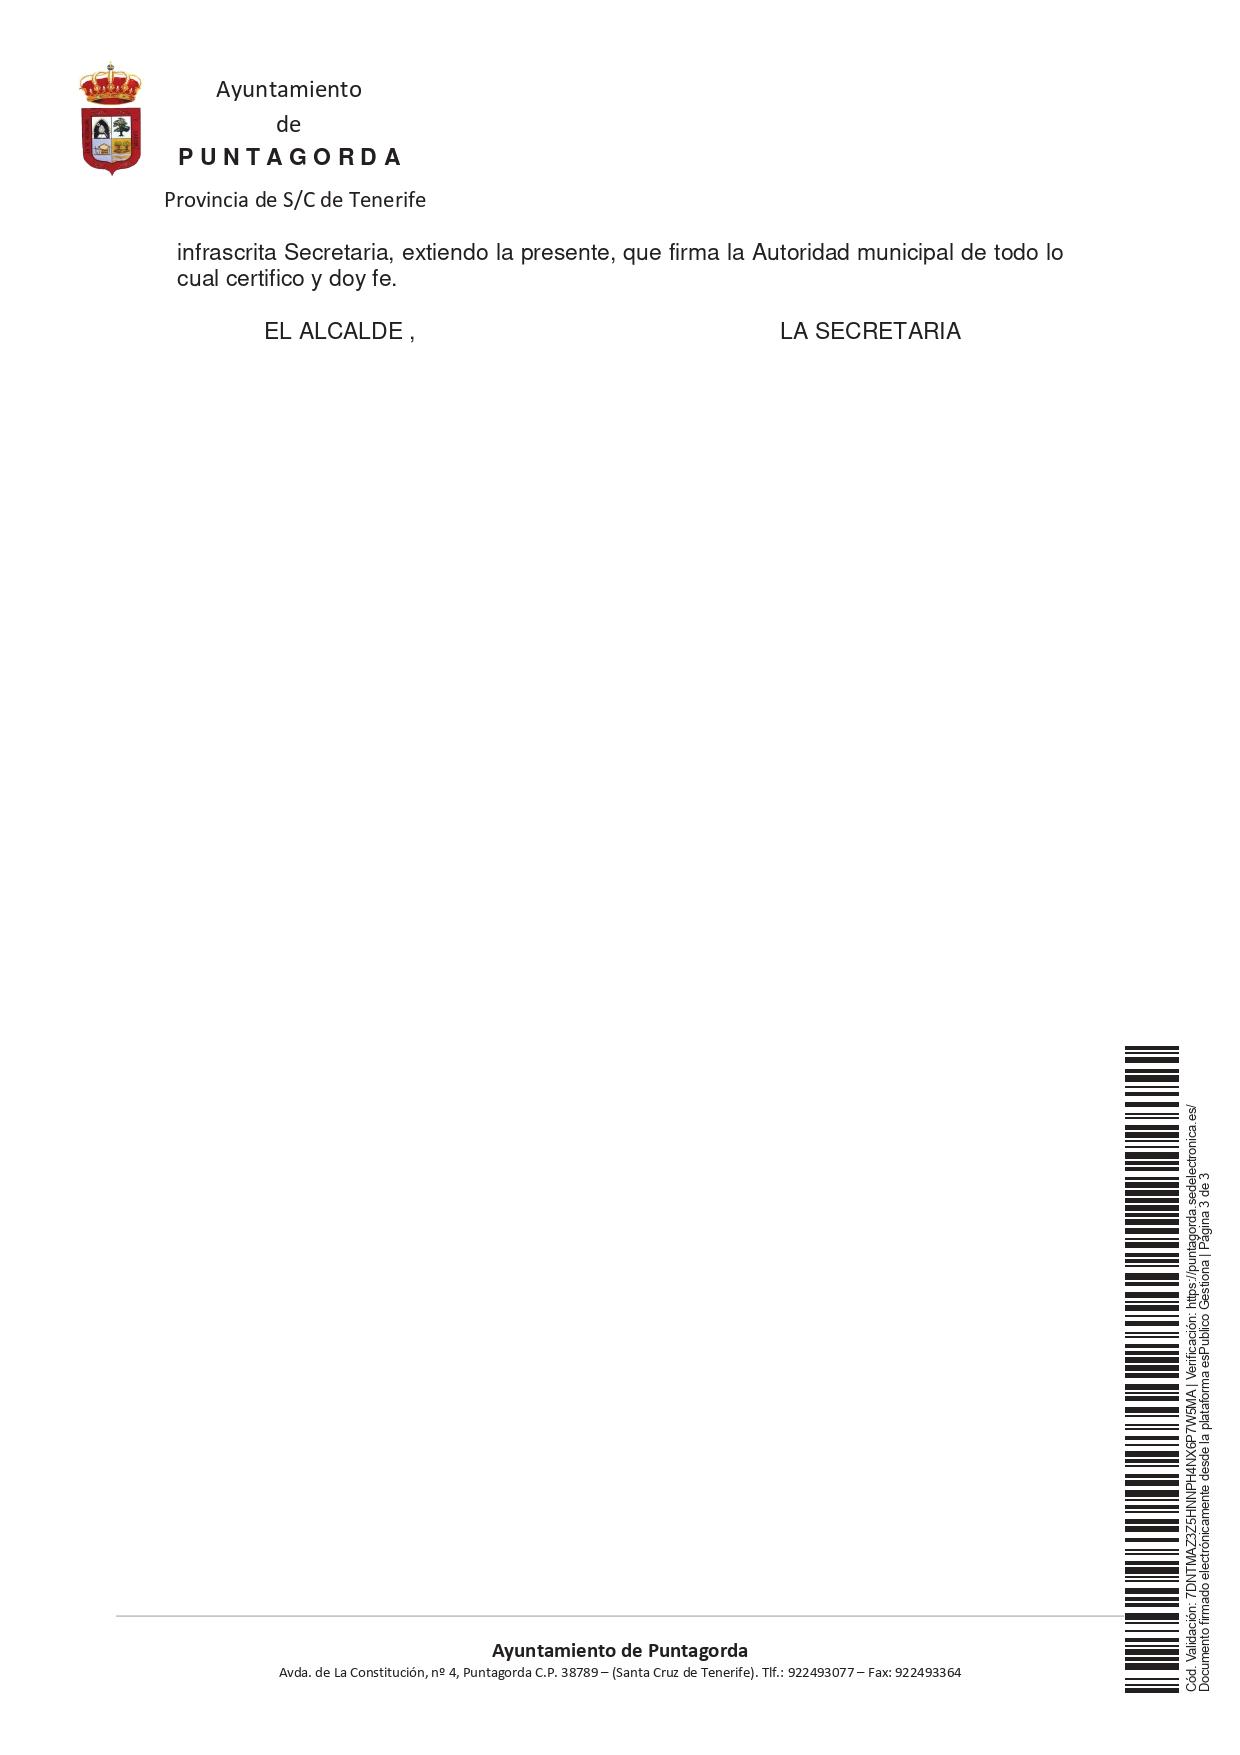 20200604_Resolución_Decreto de Alcaldía _ Decreto de Presidencia_DECRETO_page-0003